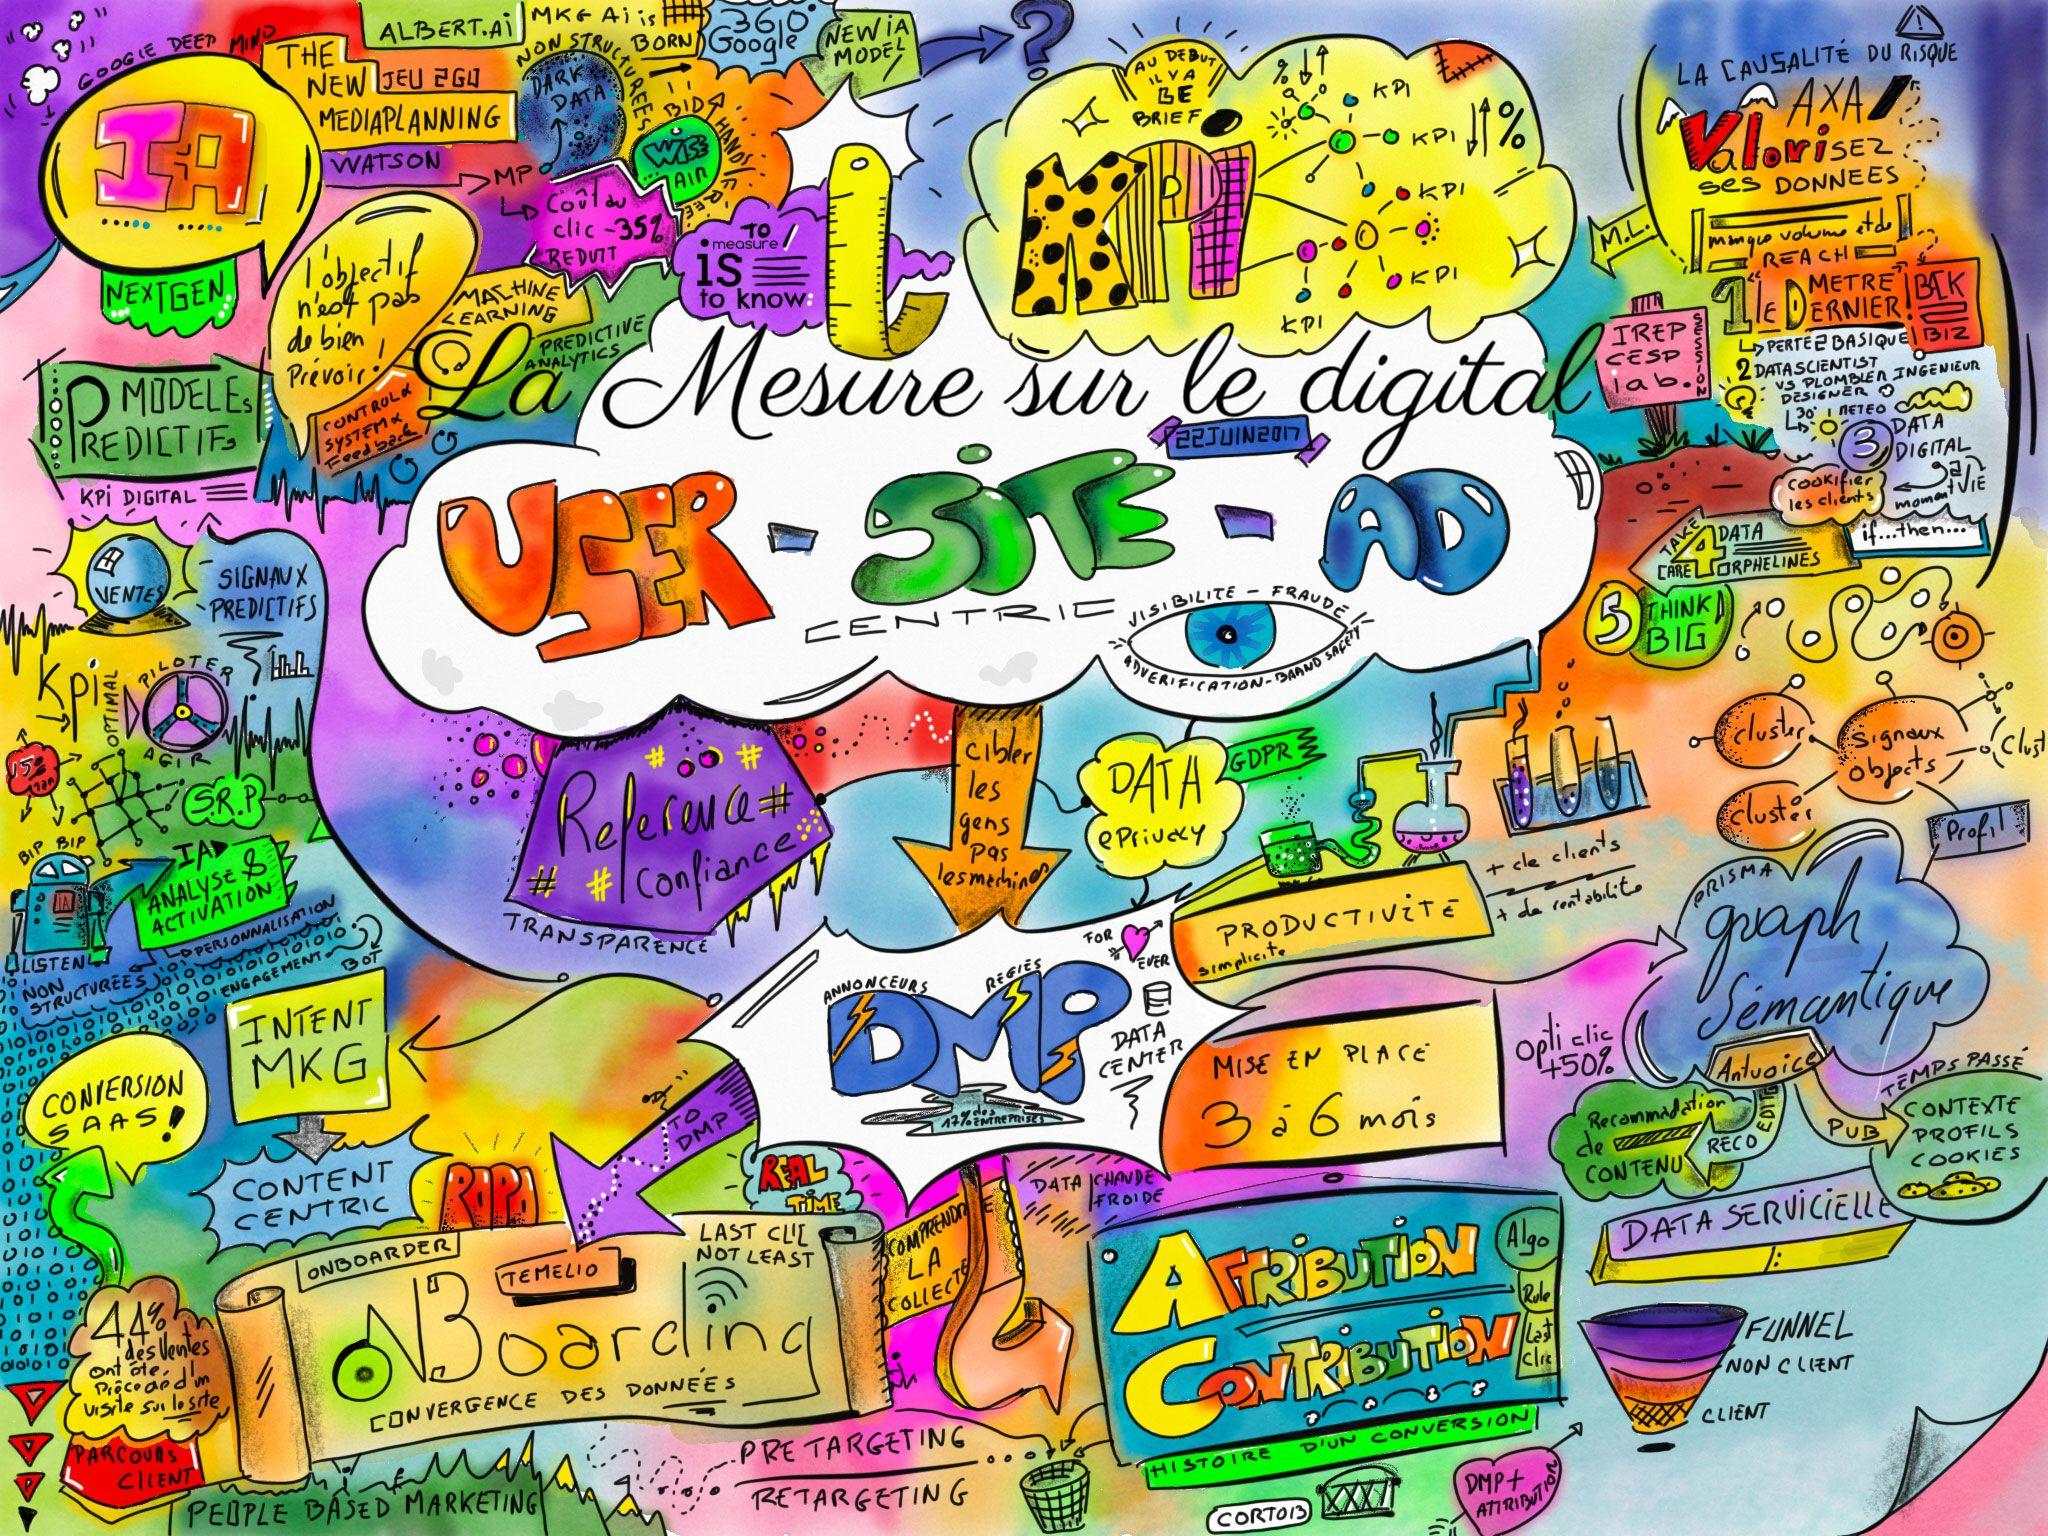 Sketch Mesure sur le digital